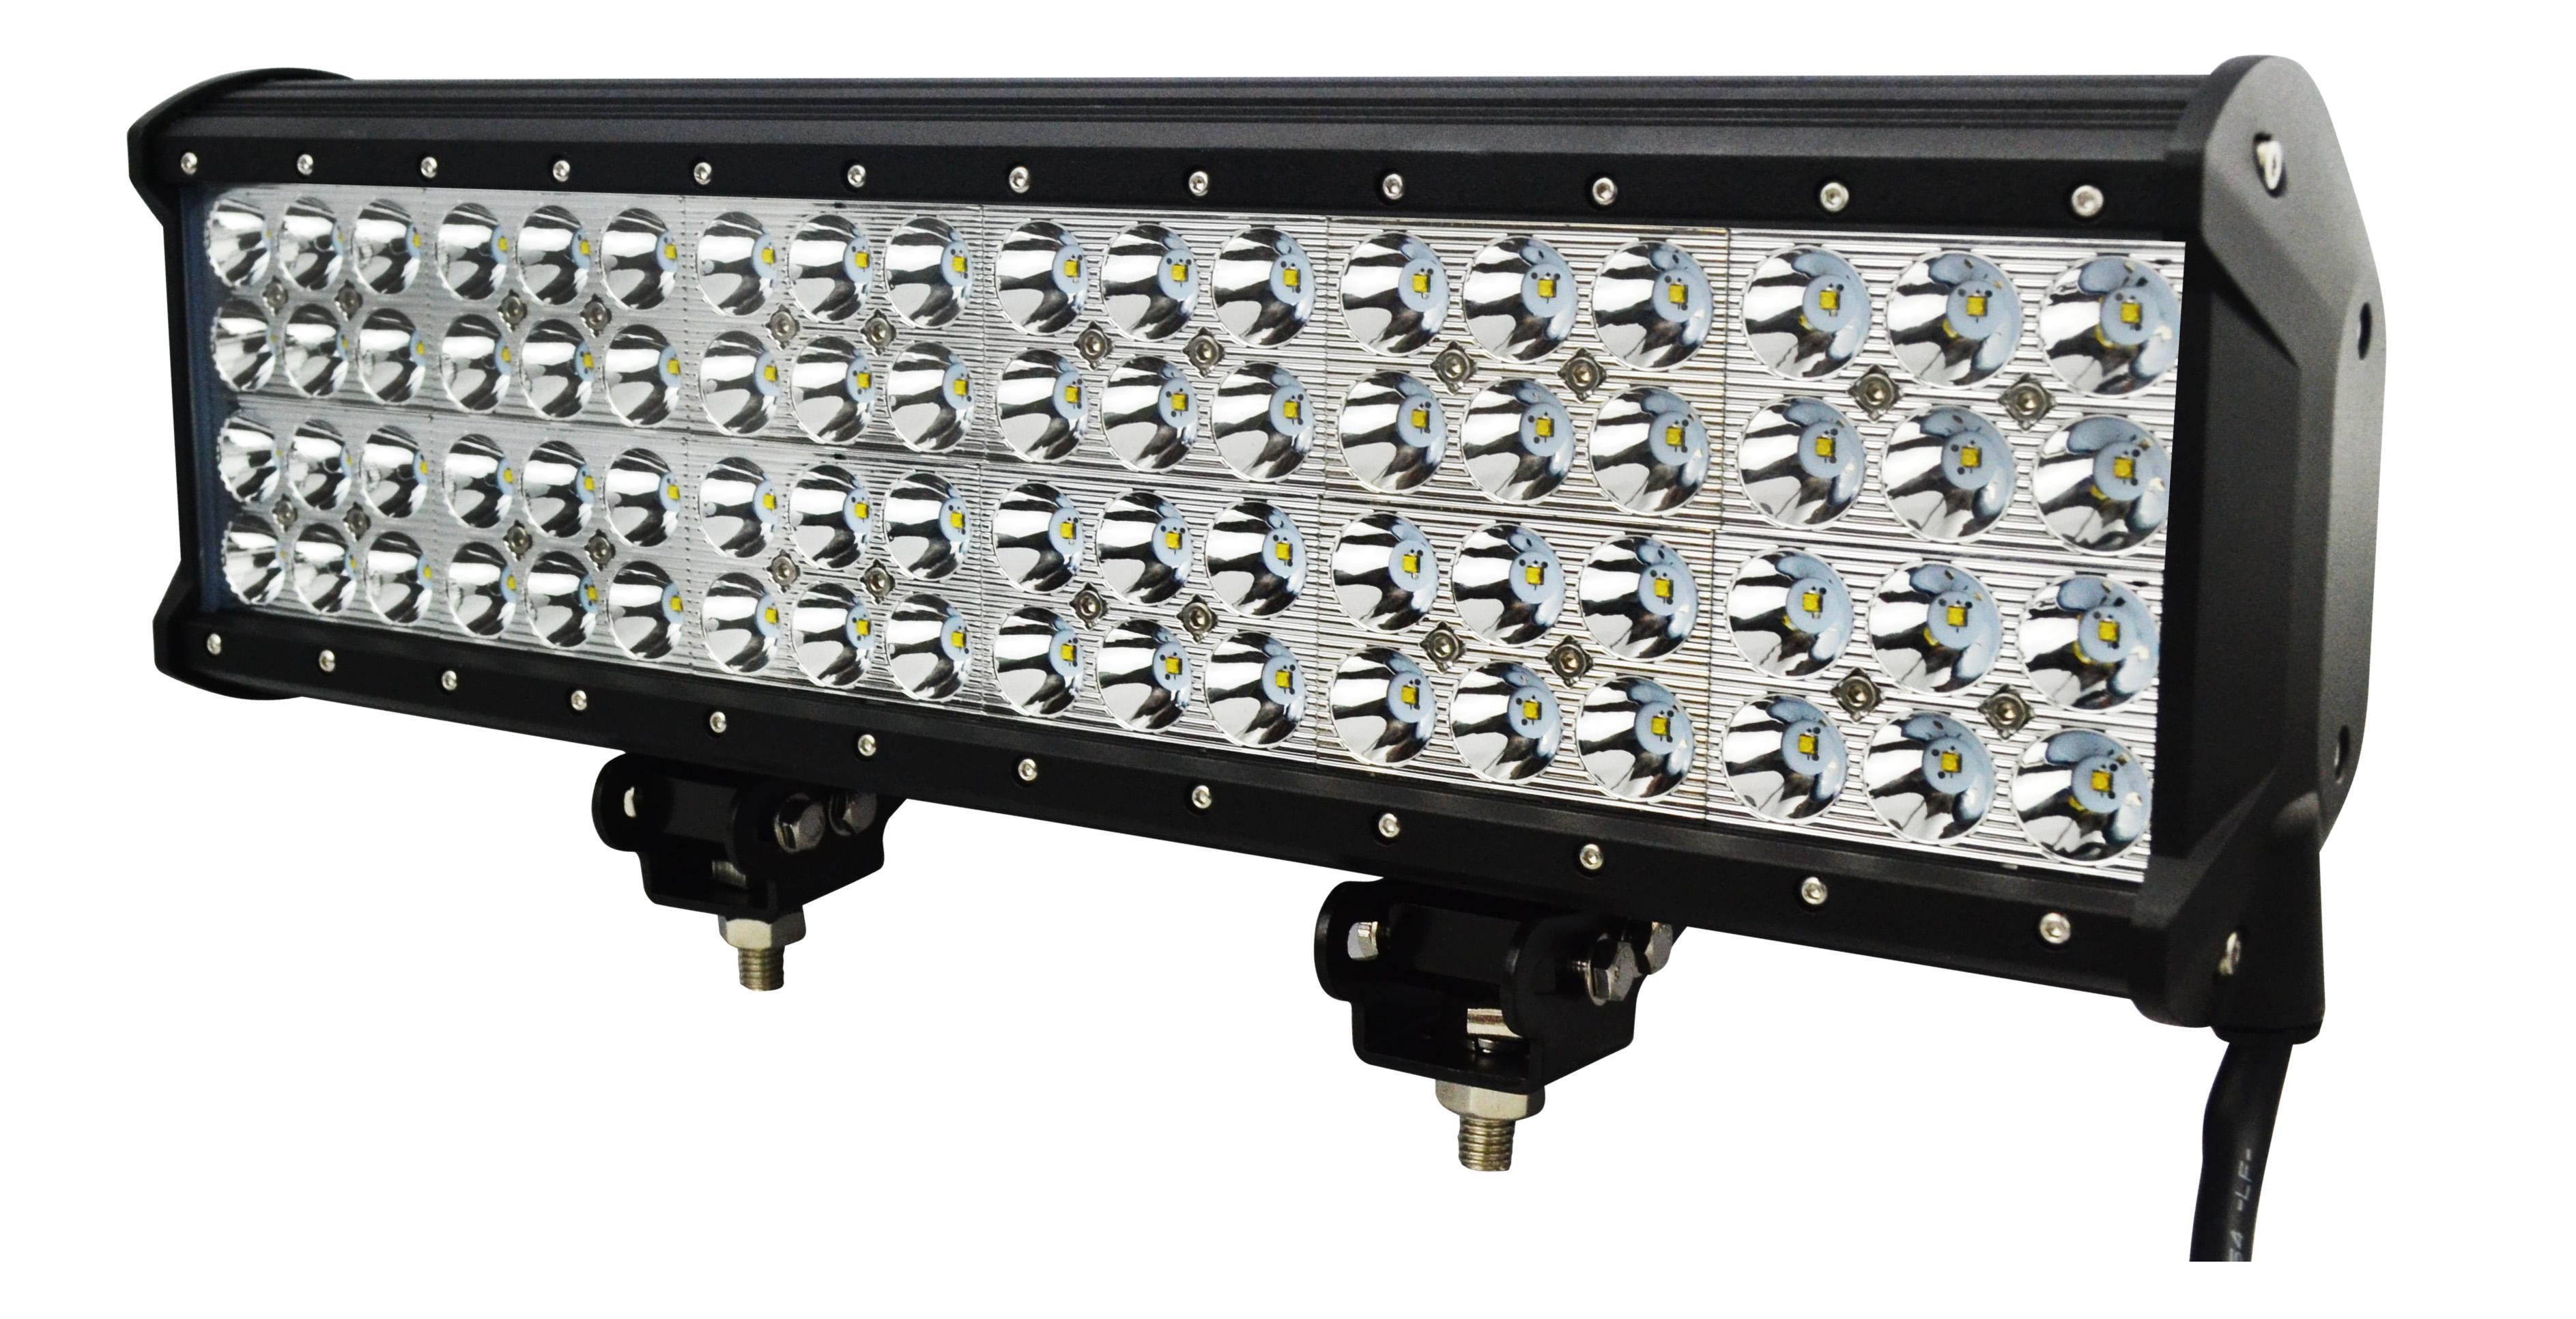 high qulity 17 inch 216w quad row led light barr led lights for cars fog light led 12v flood light led light bar led lights for cars off road led light bar